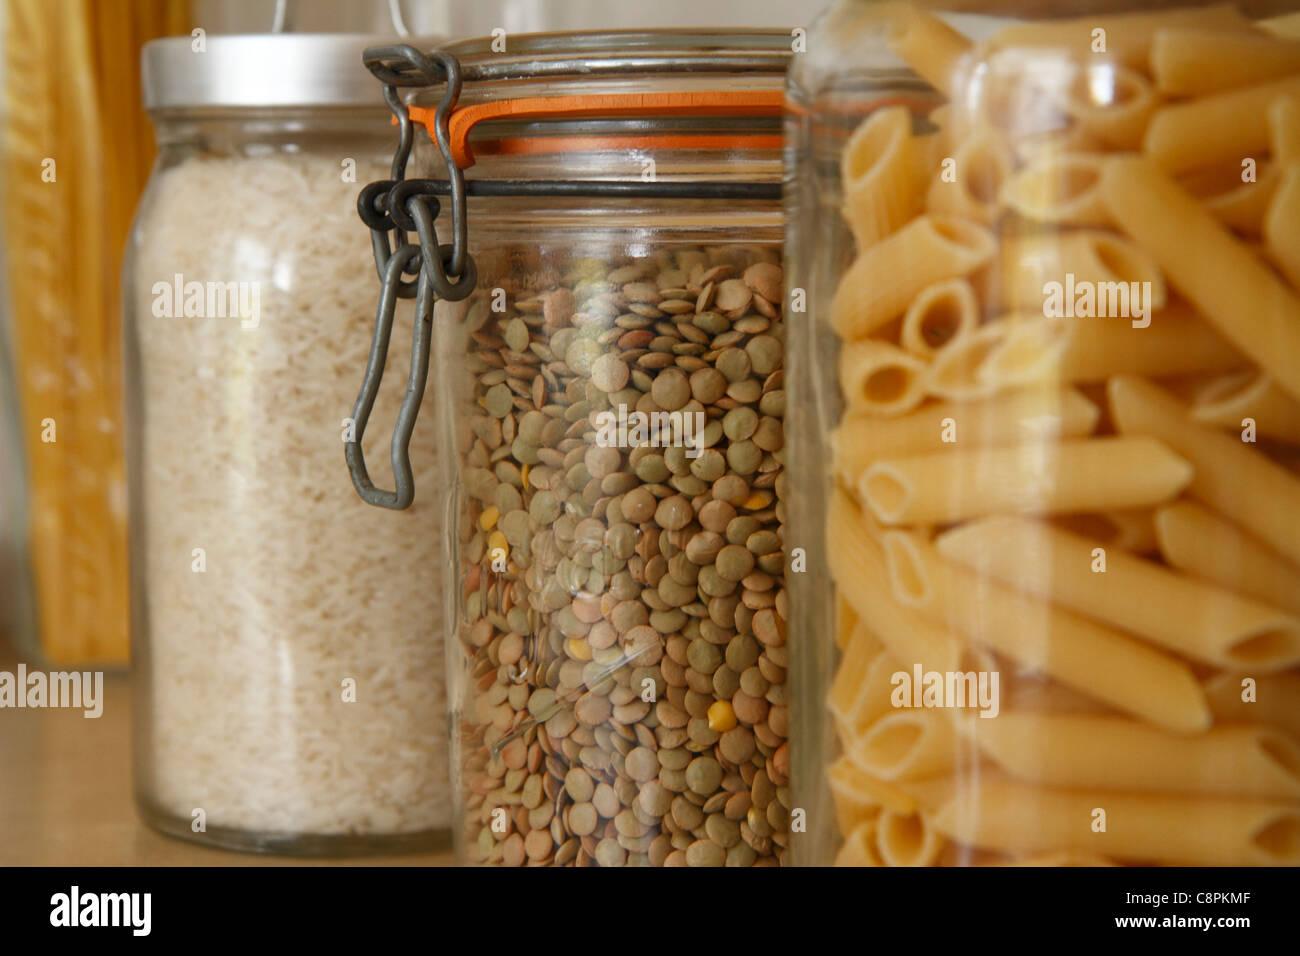 Cucina di vetro vasetti di storage Immagini Stock